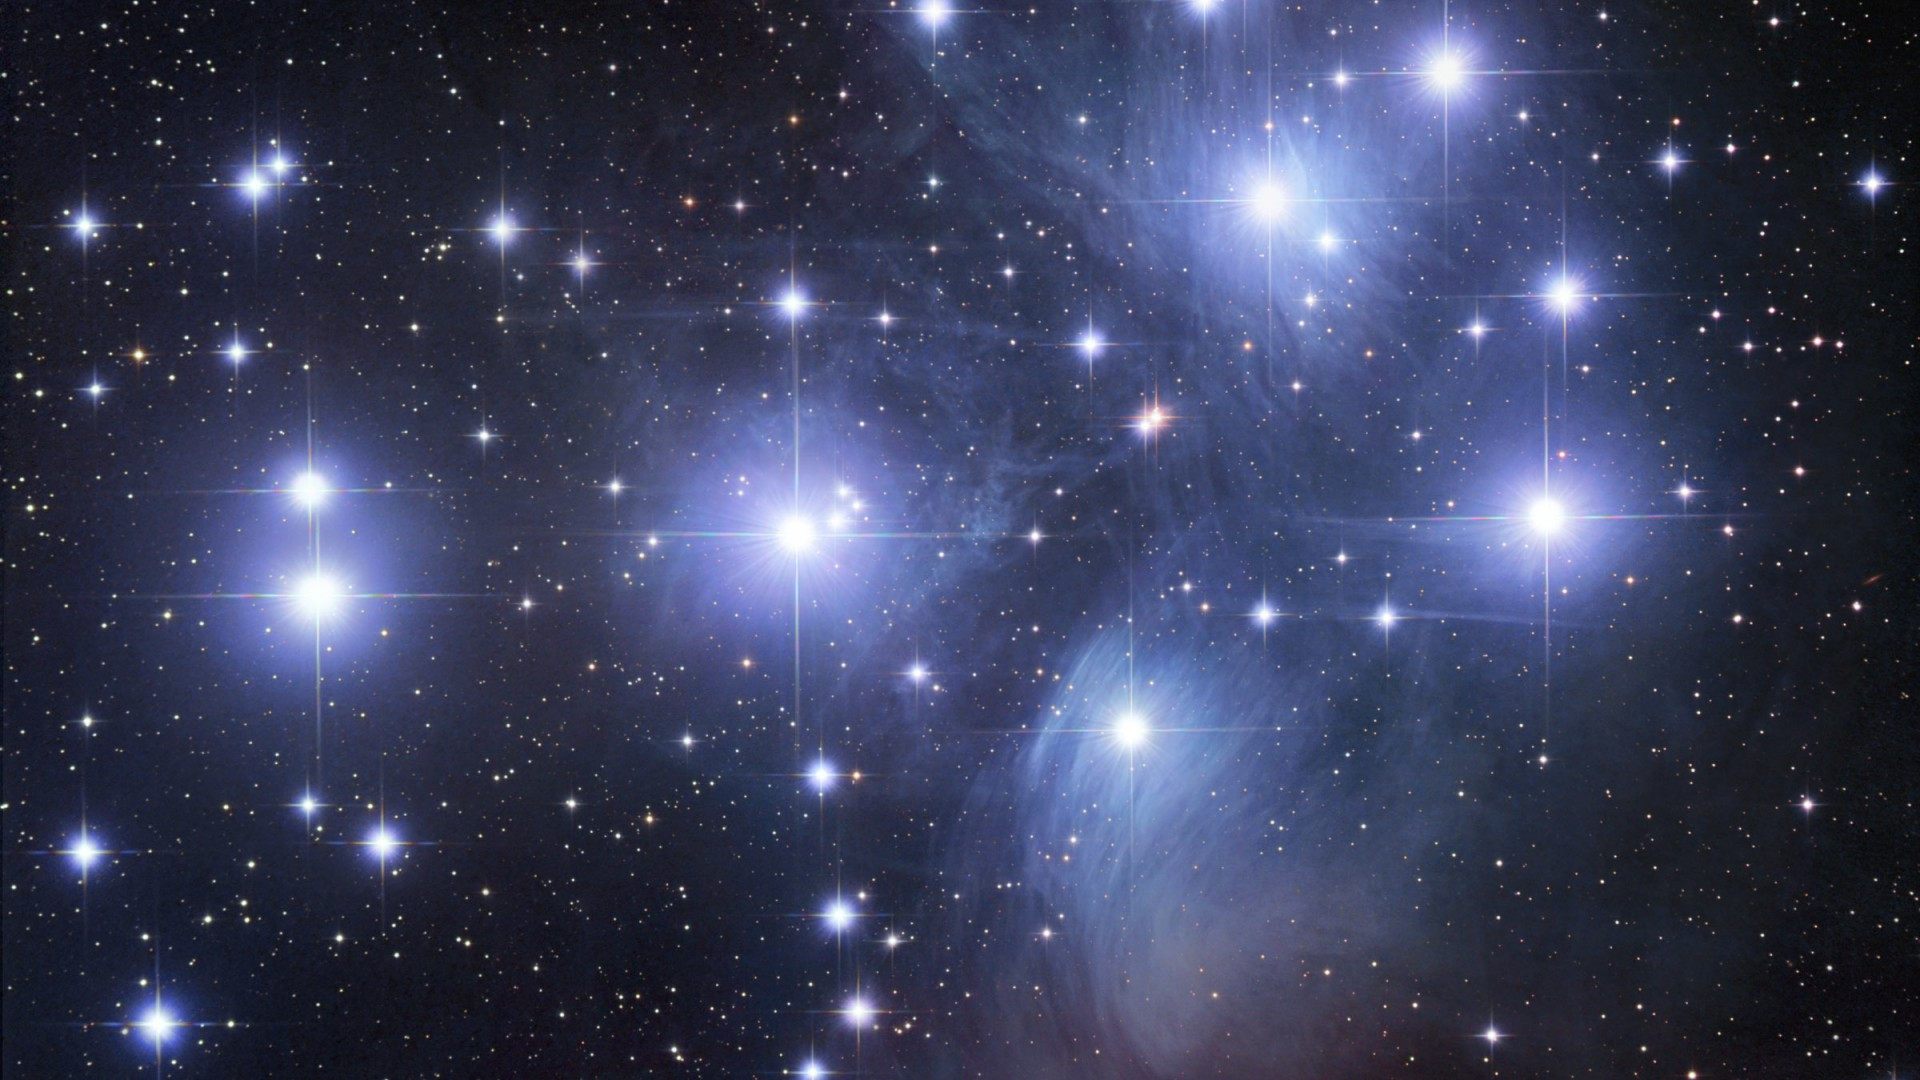 Звезды могут сиять смассой меньшей, чем предполагалось